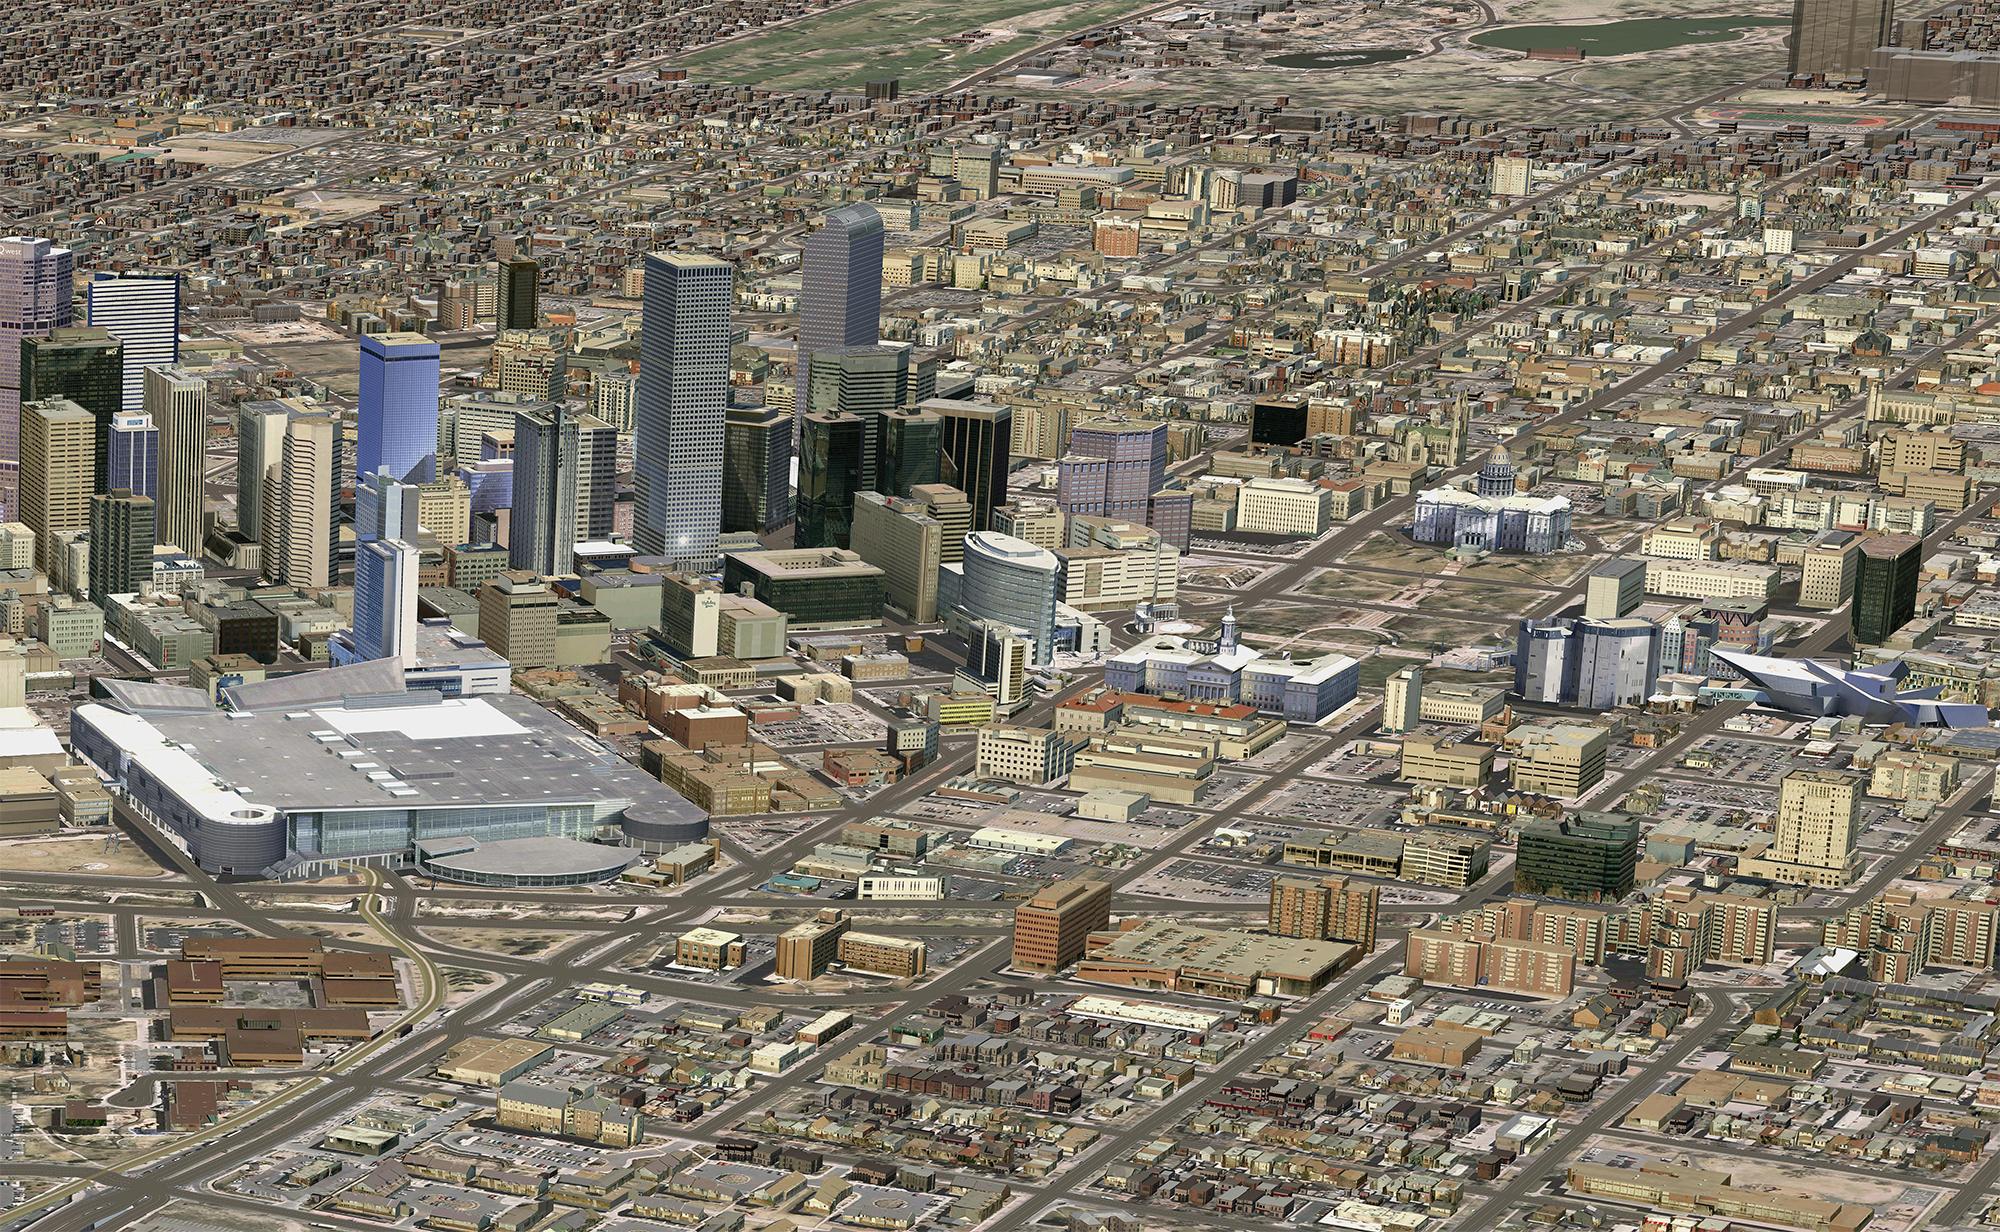 Denver-3-close-1600-3500-3500